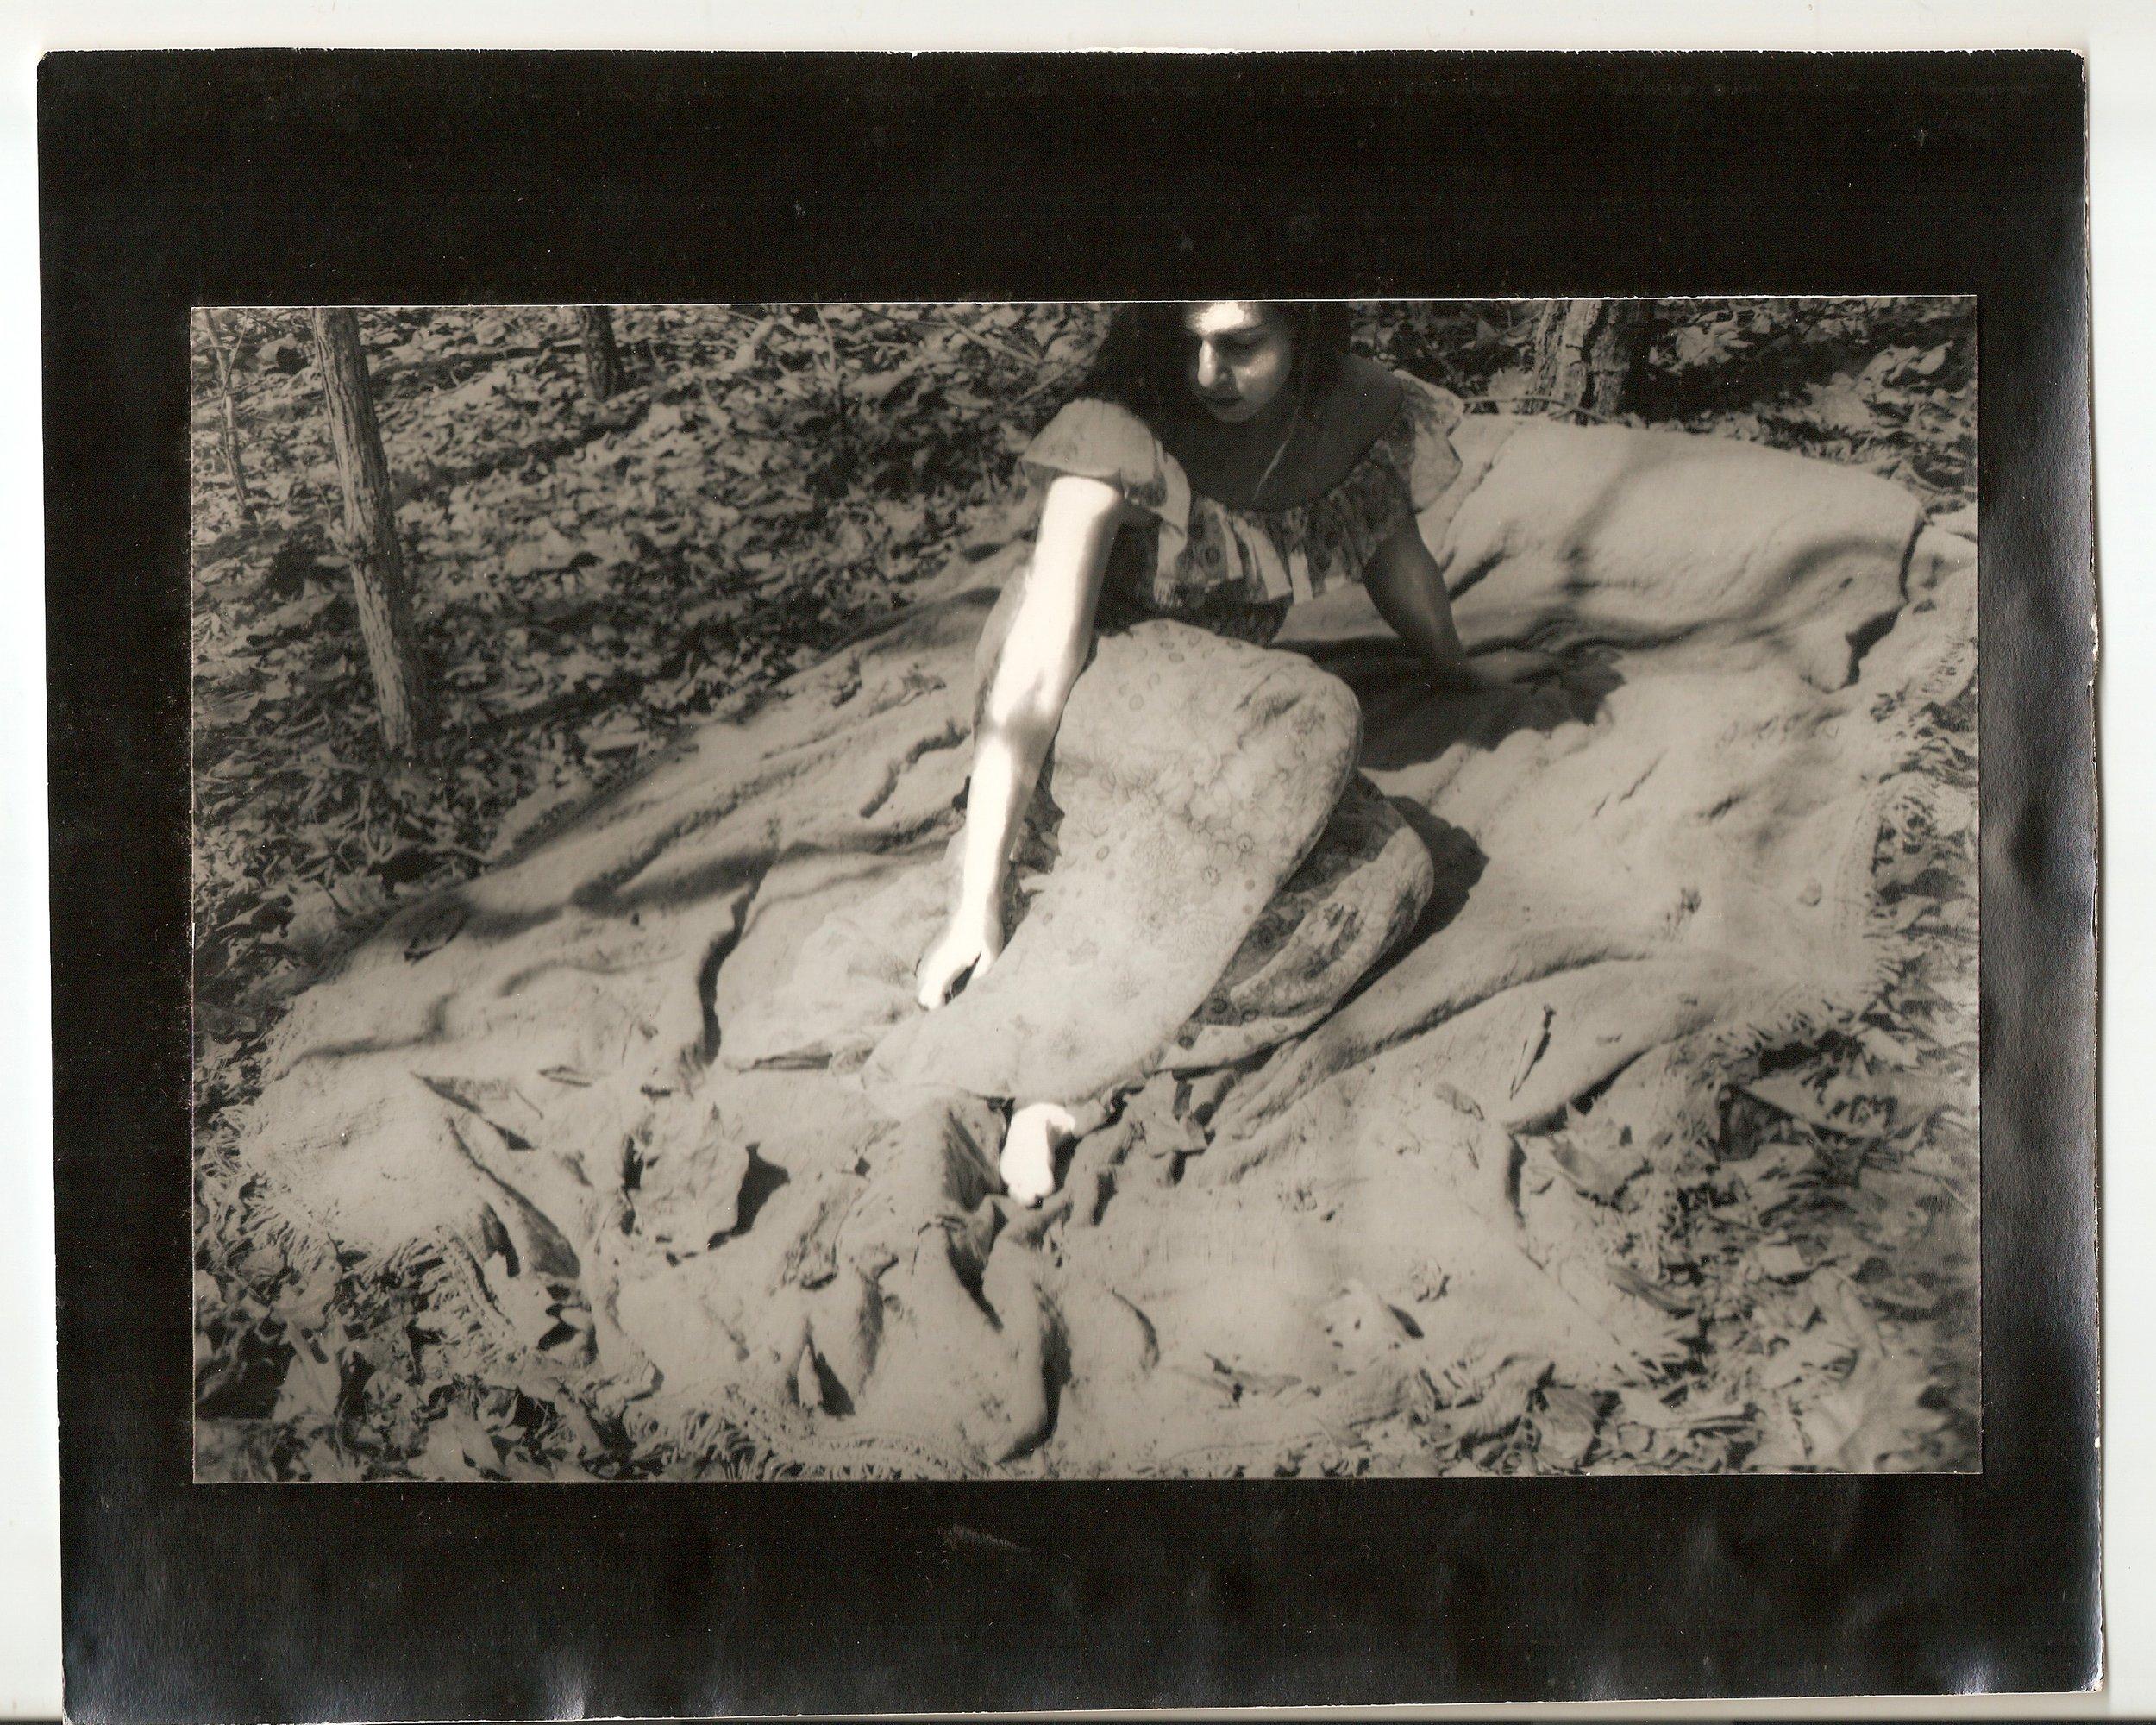 A Gray Peaceful Sleep in North Carolina  II 1975 8 x 10 300 dpi.jpg